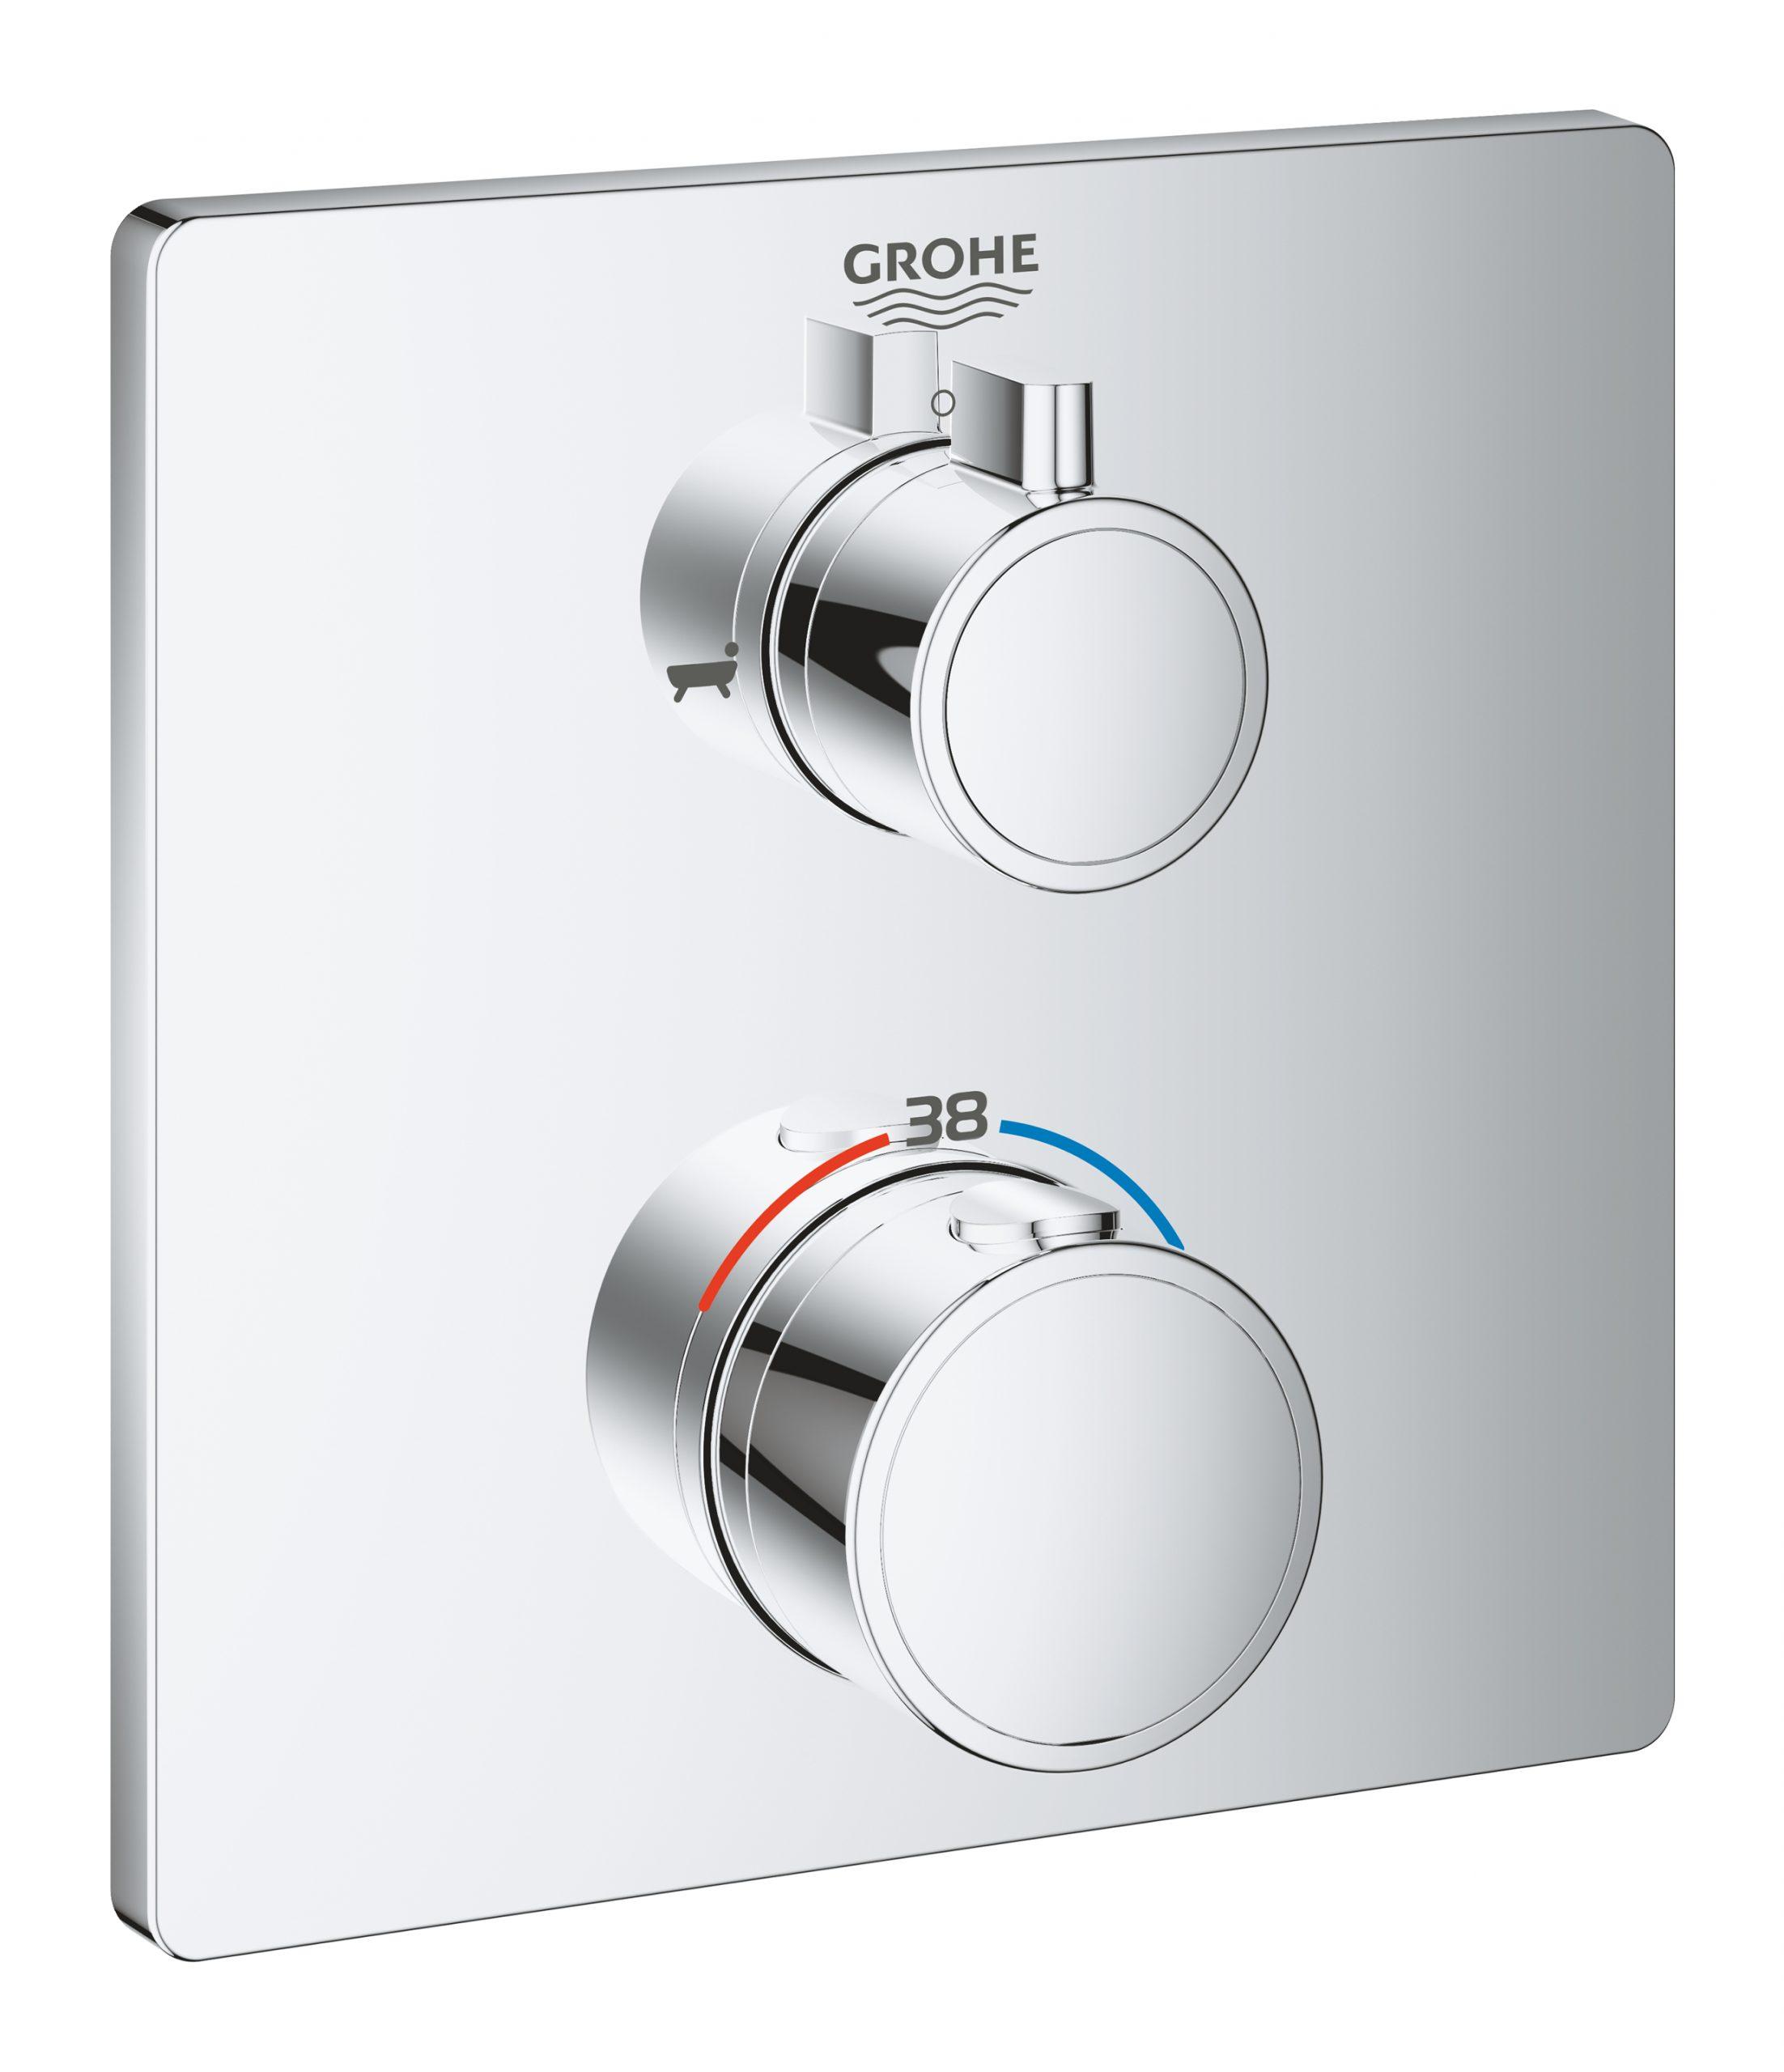 Bateria termostatyczna Grohe Grohtherm do obsługi dwóch wyjść wody chrom 24080000